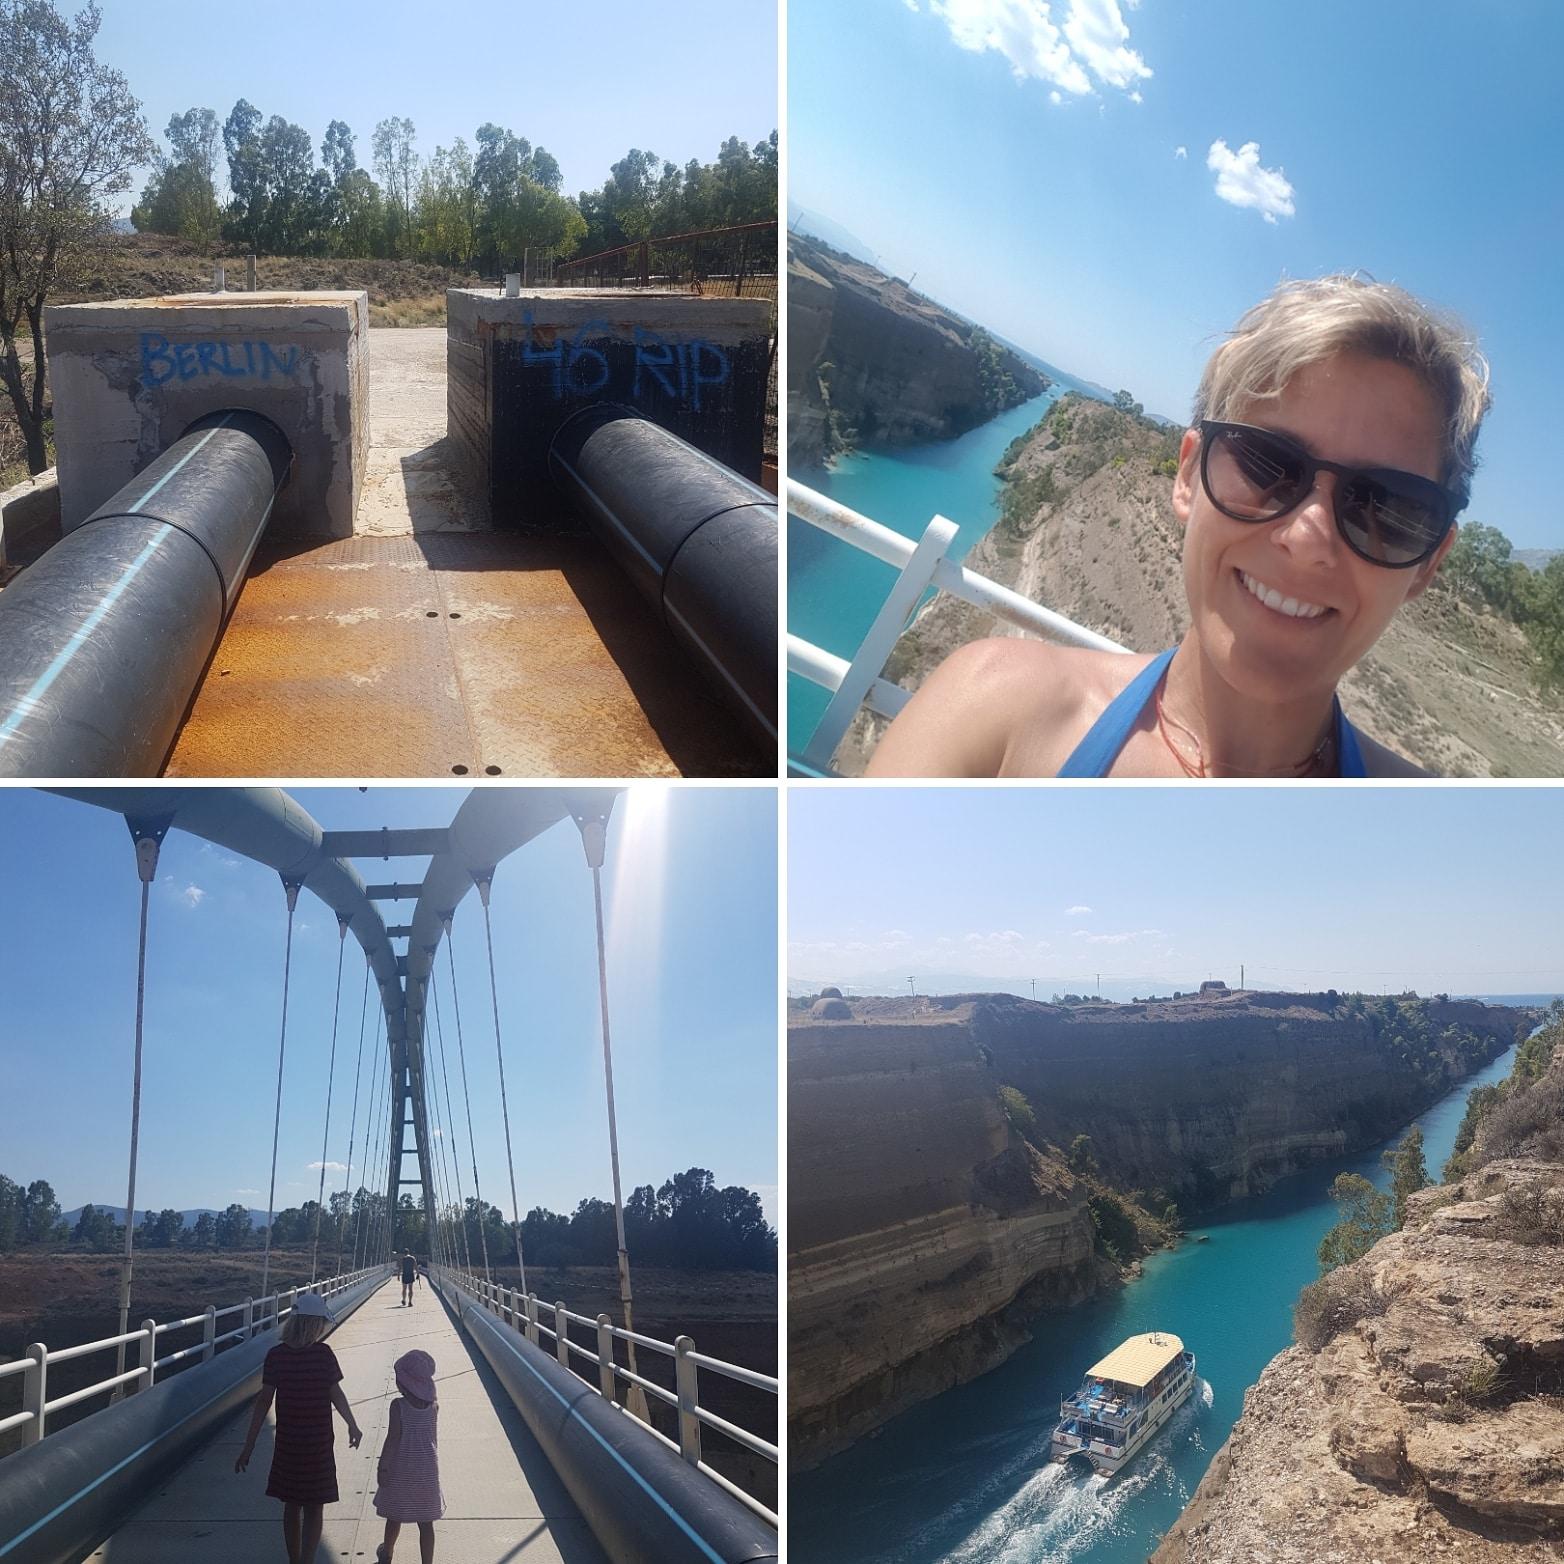 Kanal von Korinth, Griechenland, Peleponnes, Reisen mit Kindern, Urlaub, Ferien, Camping, Wohnmobil, Reisen